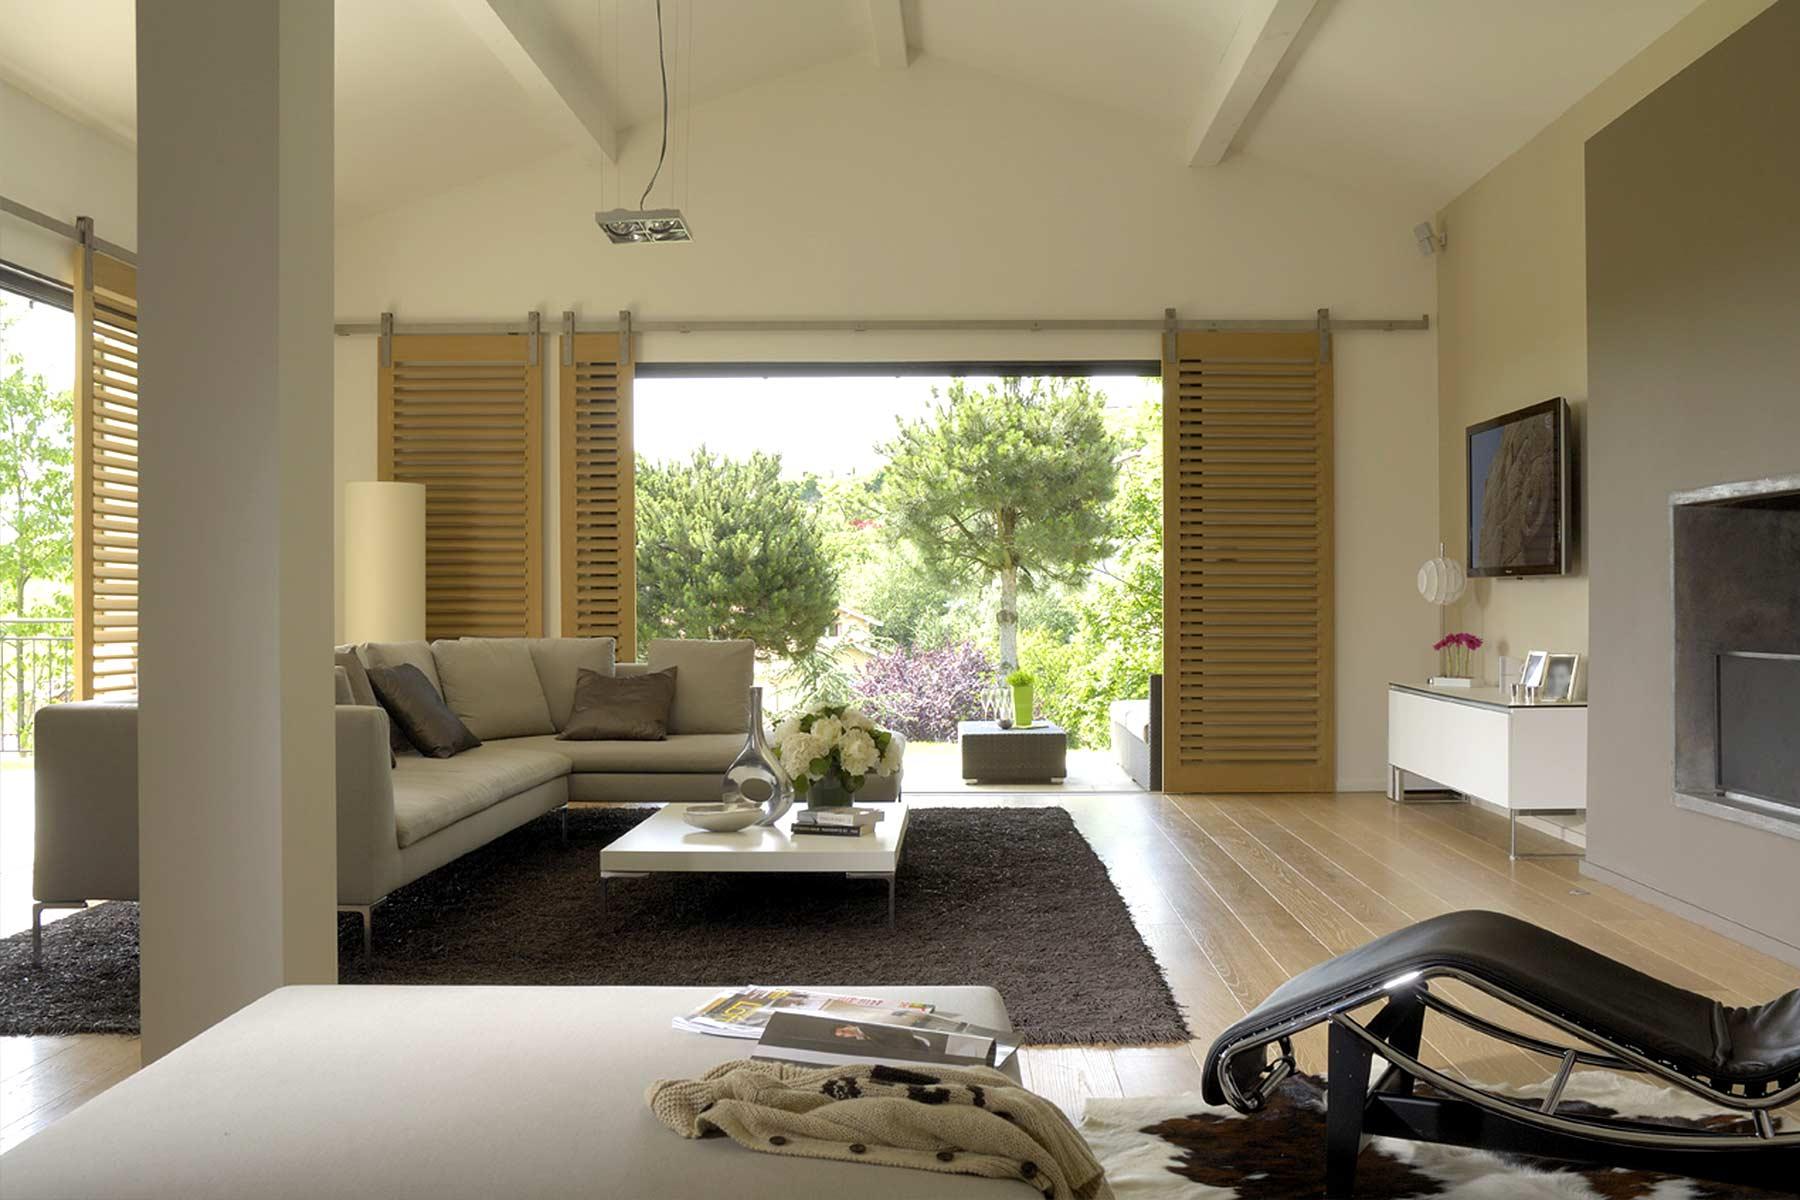 Decoratrice maison a vendre good le nouveau dcoration port grimaud with decoratrice maison a - Maison a vendre emmanuelle ...